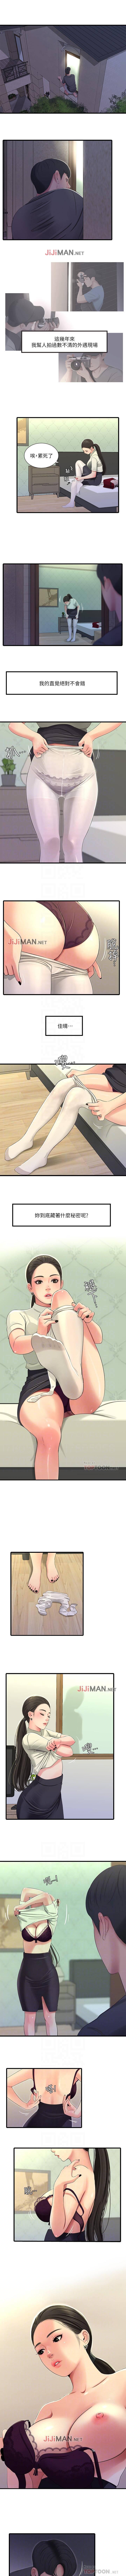 【周四连载】亲家四姐妹(作者:愛摸) 第1~37话 174